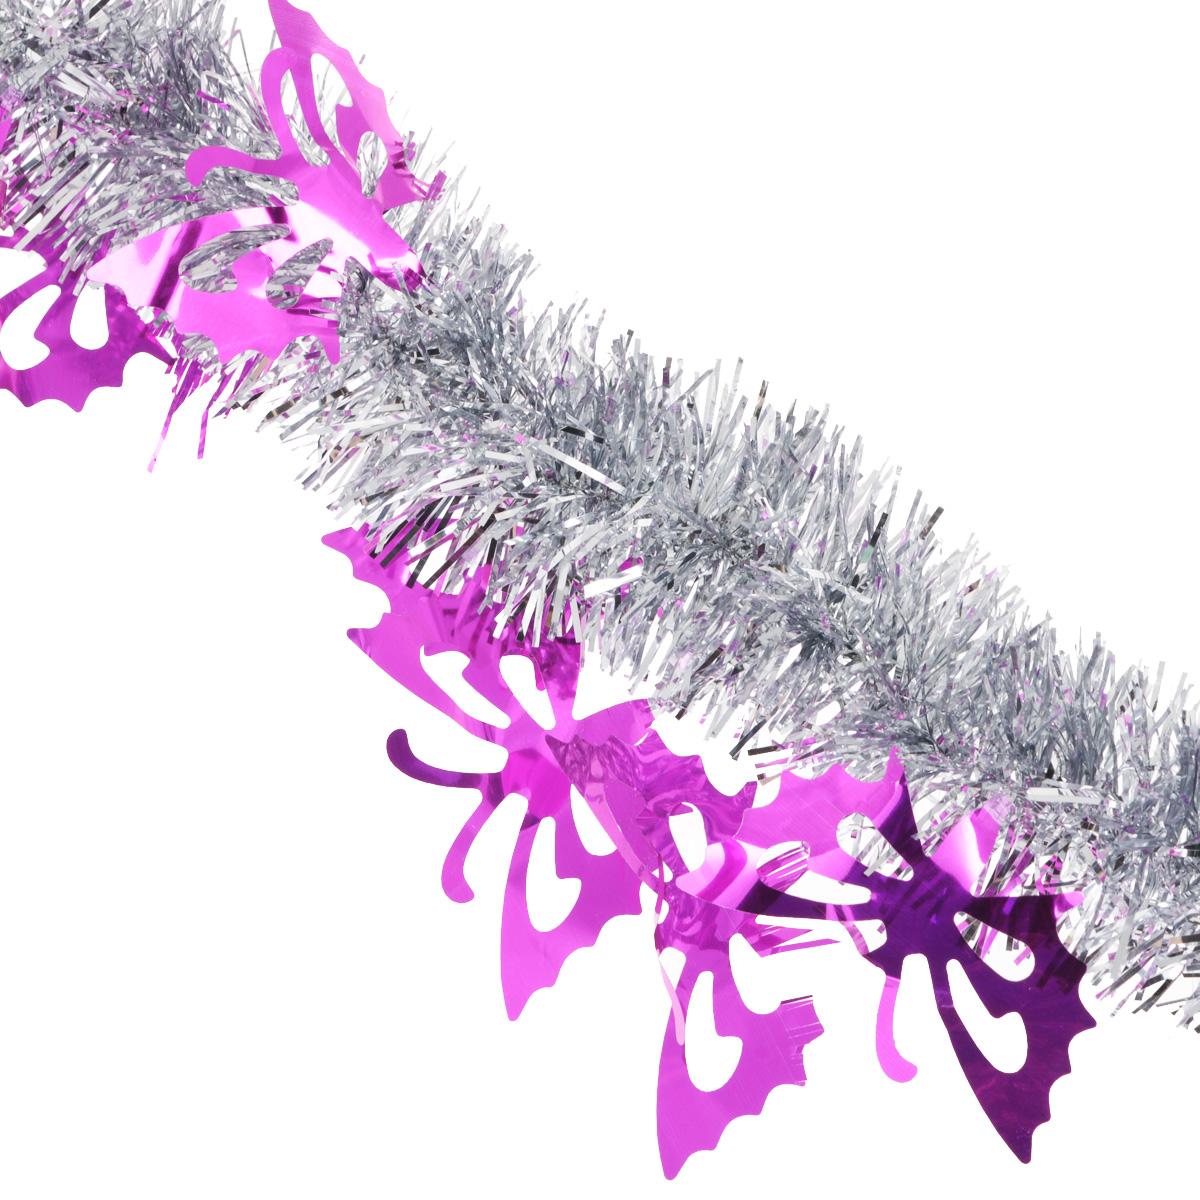 Мишура новогодняя Sima-land, цвет: серебристый, фиолетовый, диаметр 5 см, длина 200 см279270Мишура новогодняя Sima-land, выполненная из двухцветной фольги, поможет вам украсить свой дом к предстоящим праздникам. Мишура армирована, то есть имеет проволоку внутри и способна сохранять приданную ей форму.Новогодняя елка с таким украшением станет еще наряднее. Новогодней мишурой можно украсить все, что угодно - елку, квартиру, дачу, офис - как внутри, так и снаружи. Можно сложить новогодние поздравления, буквы и цифры, мишурой можно украсить и дополнить гирлянды, можно выделить дверные колонны, оплести дверные проемы. Мишура принесет в ваш дом ни с чем несравнимое ощущение праздника! Создайте в своем доме атмосферу тепла, веселья и радости, украшая его всей семьей.